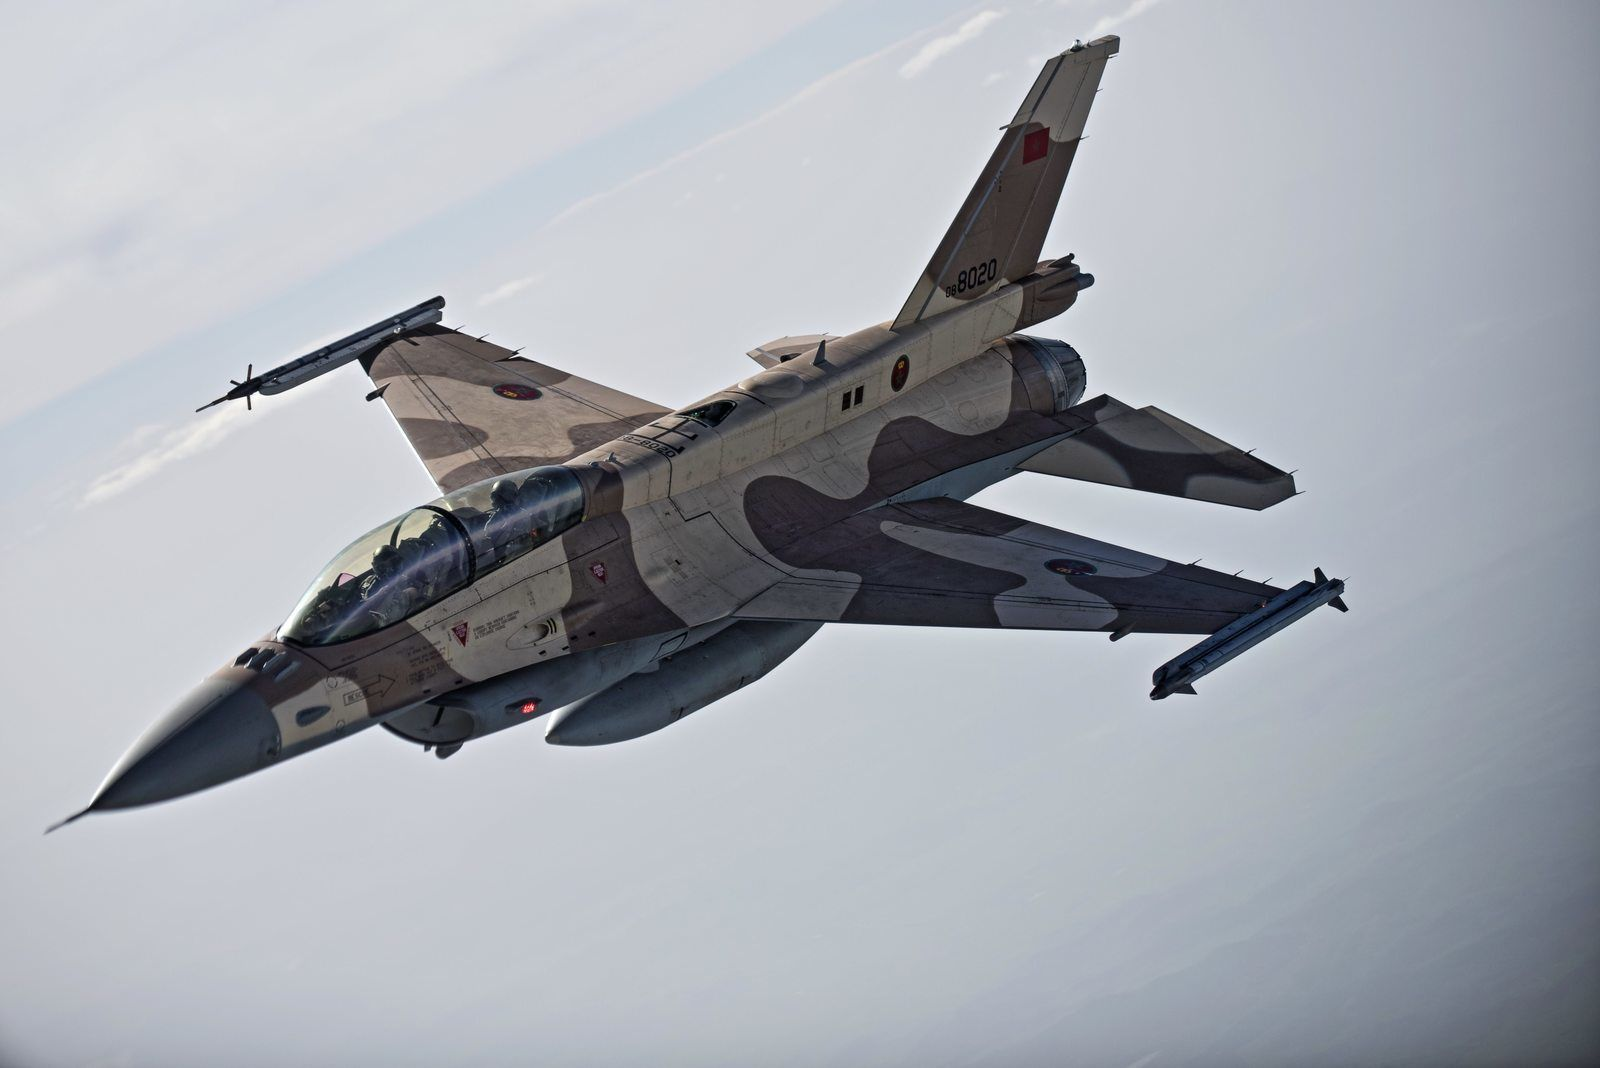 Le Maroc souhaite renforcer sa force aérienne avec des F-16V Viper Block 72